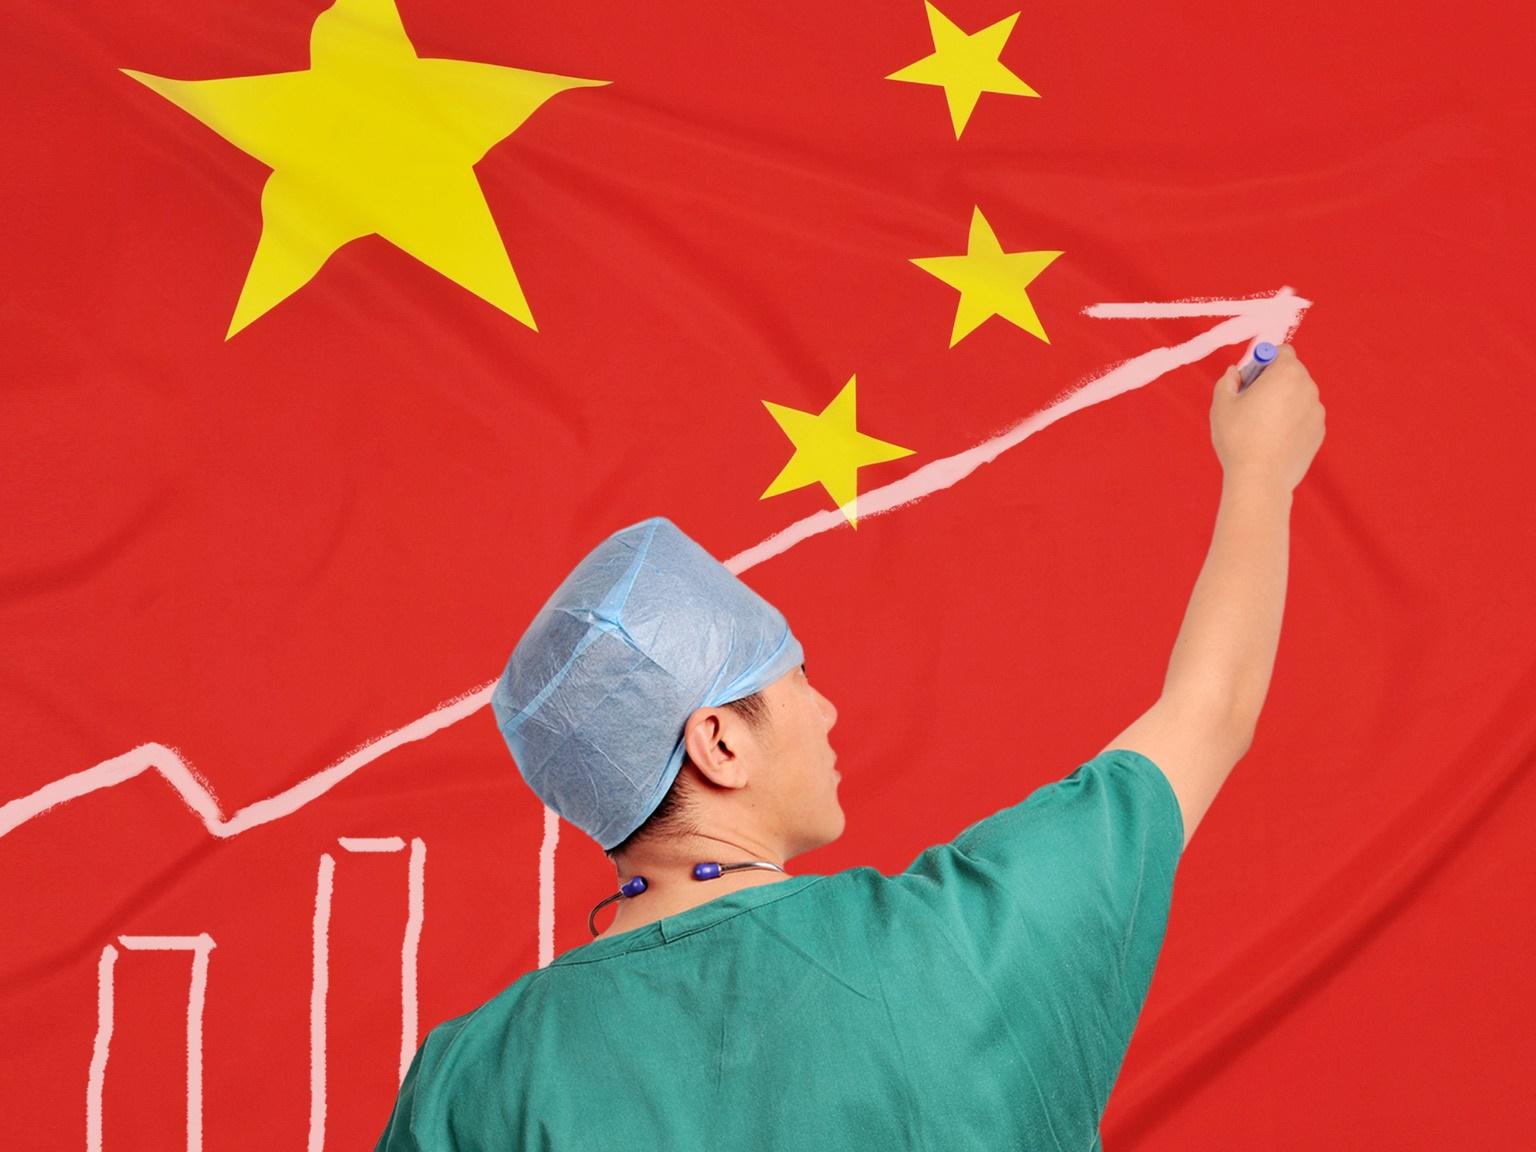 چین | افزایش شمار تختهای بیمارستانی و کارکنان پزشکی